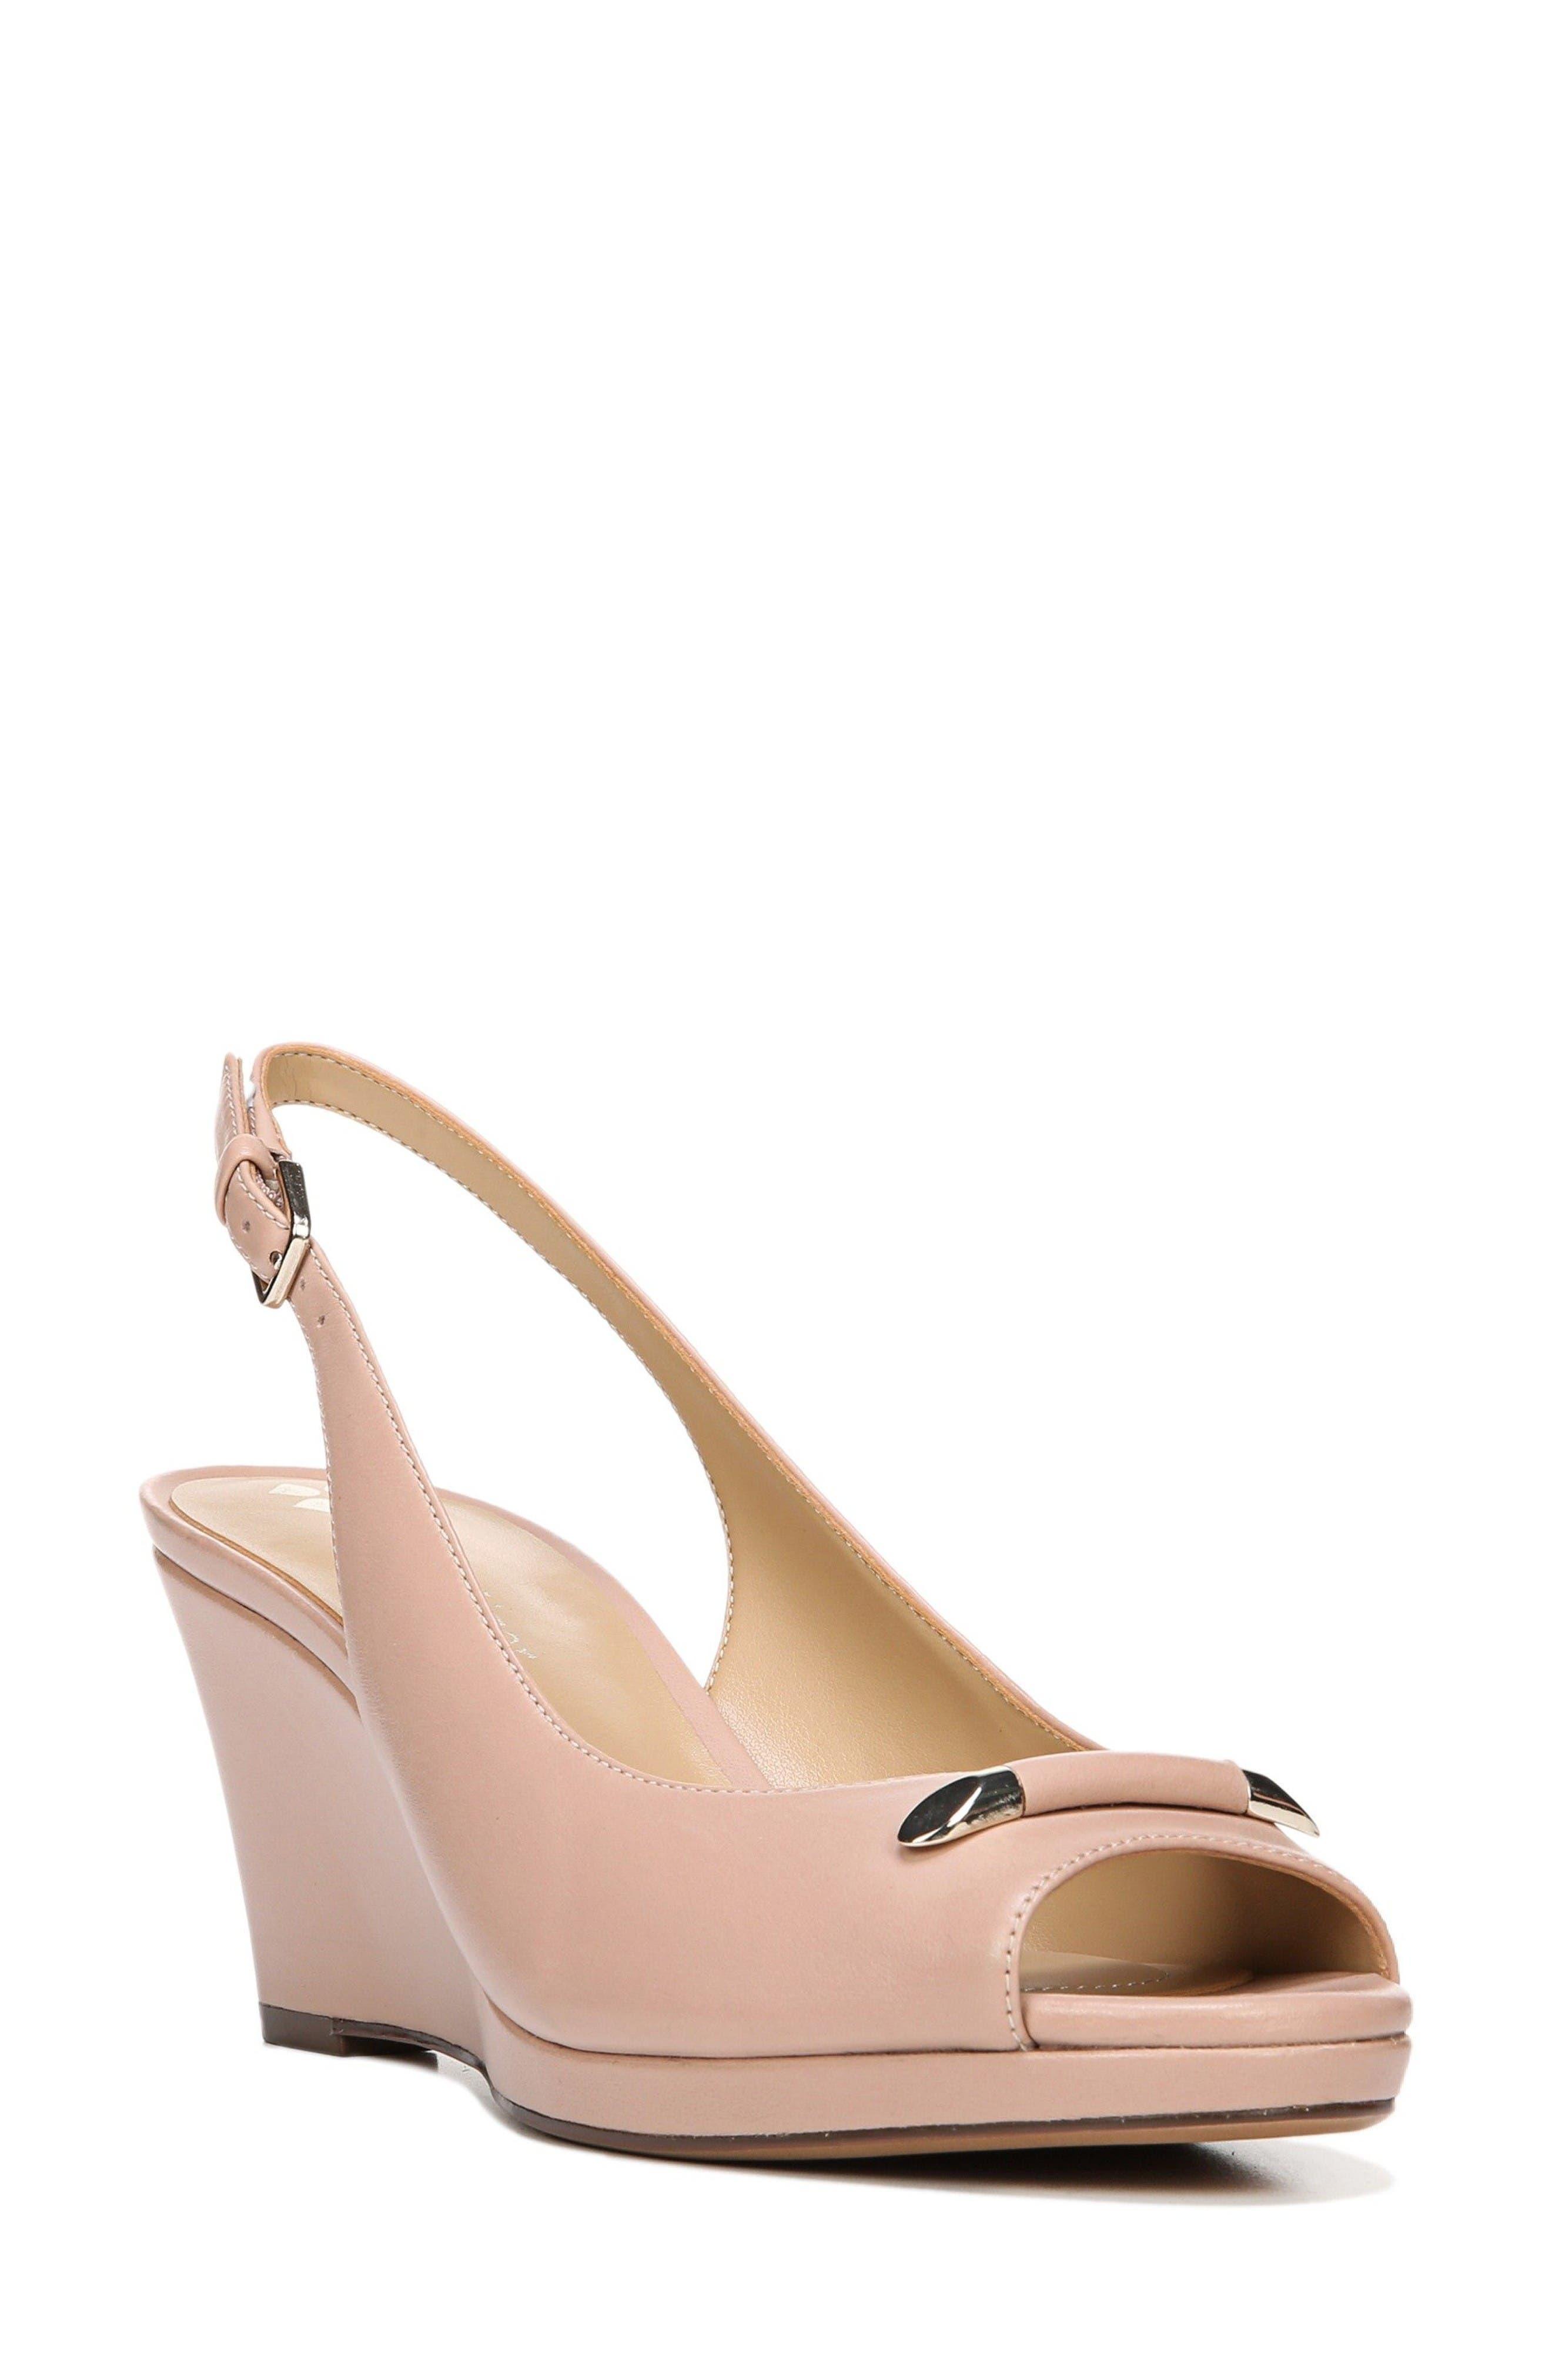 Alternate Image 1 Selected - Naturalizer Oleander Slingback Sandal (Women)